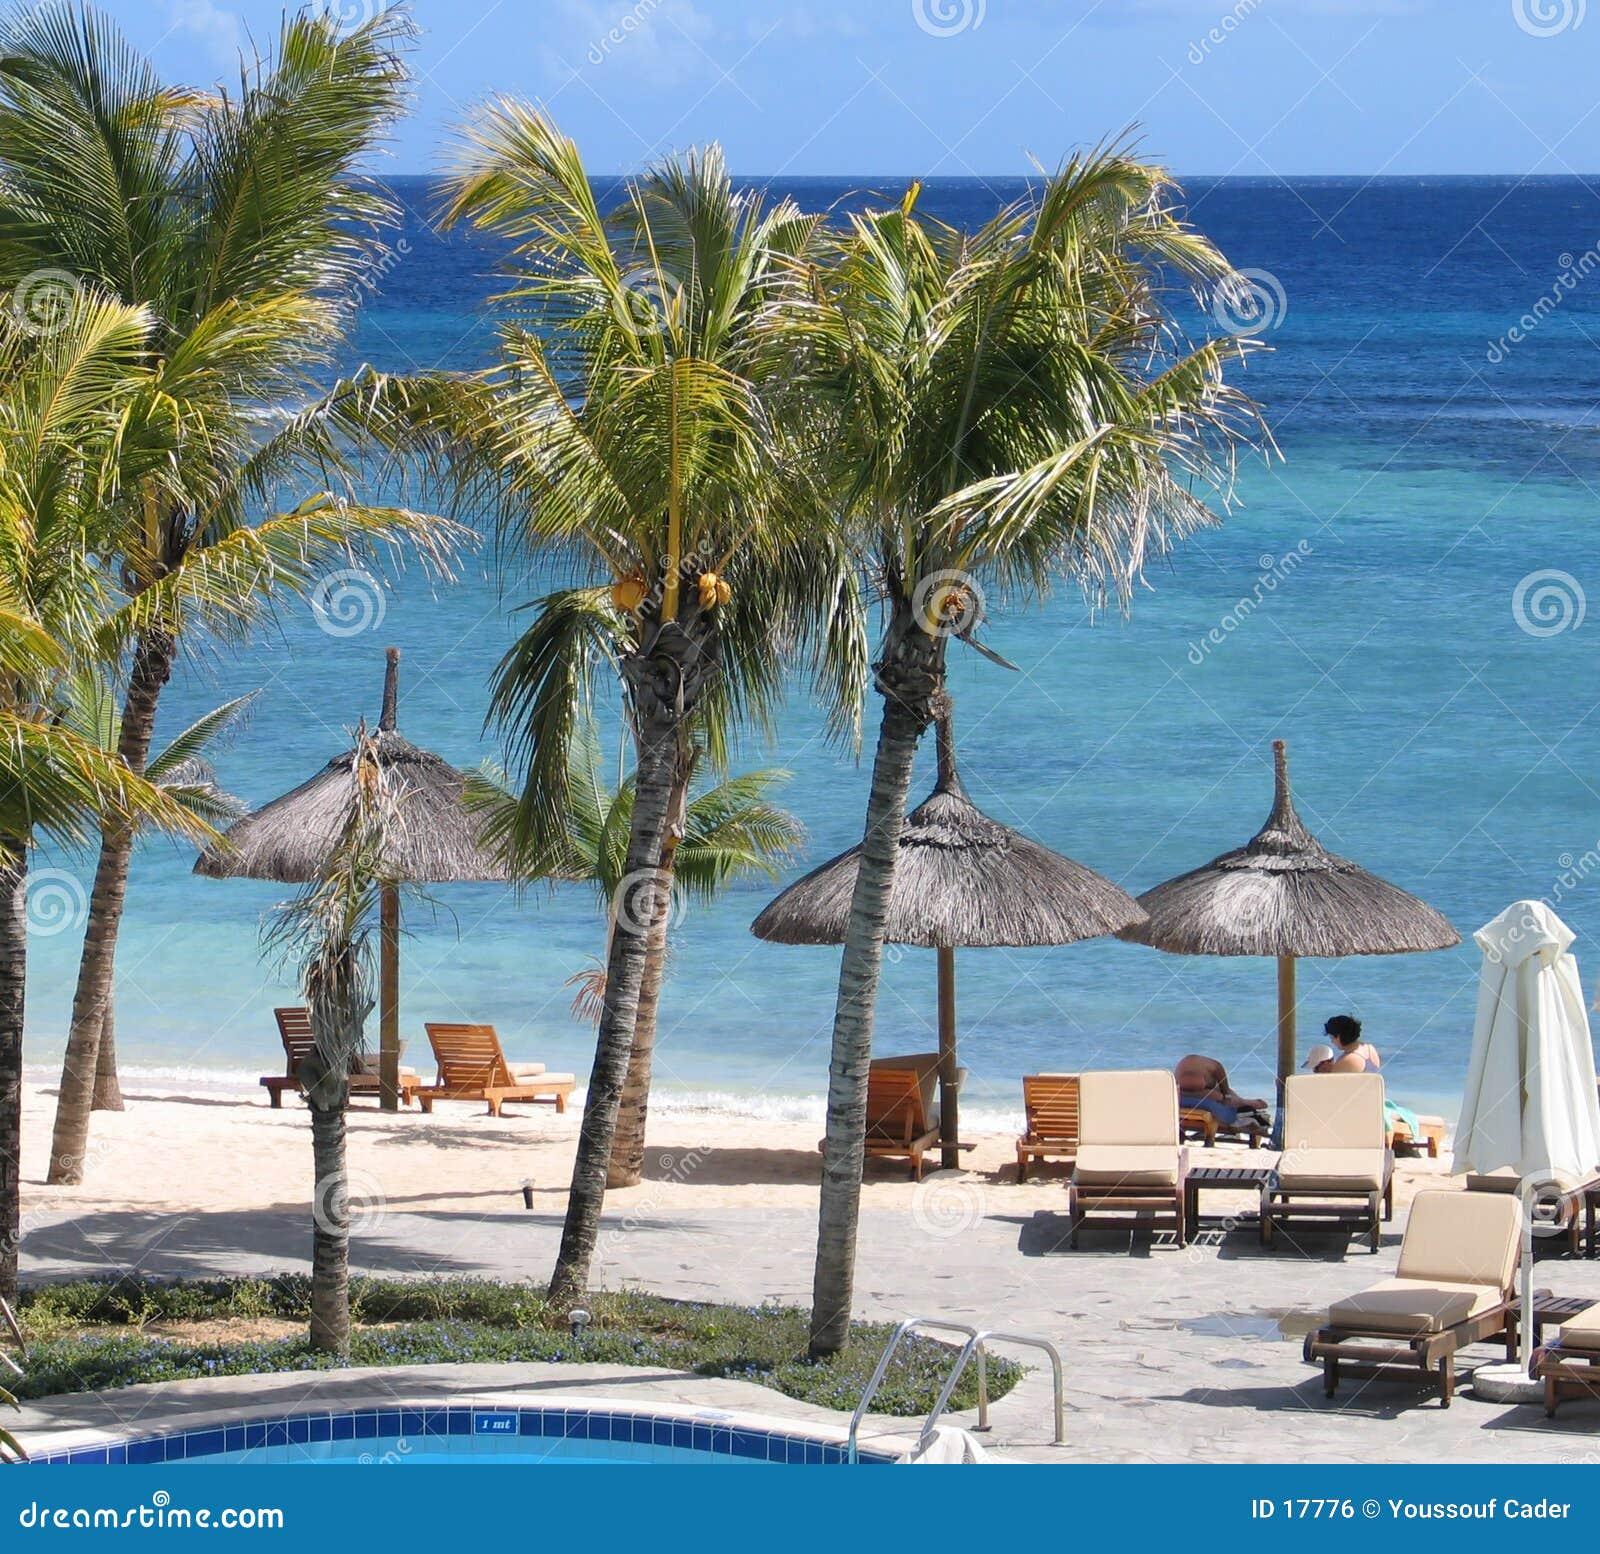 Beach view 21